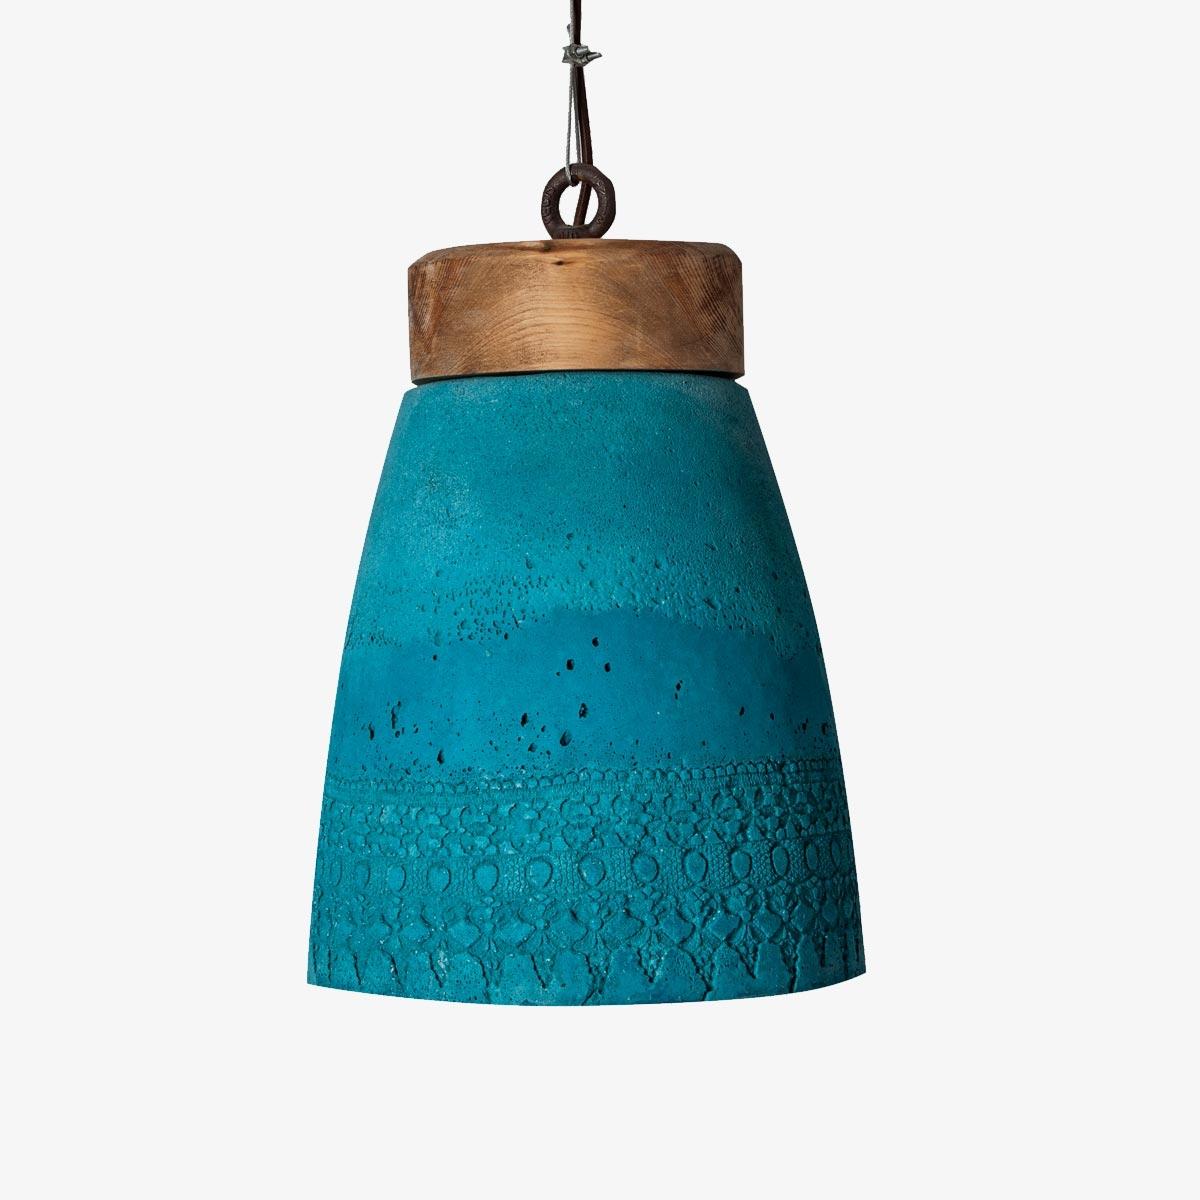 Lámpara colgante Caldeiro madeiro azul